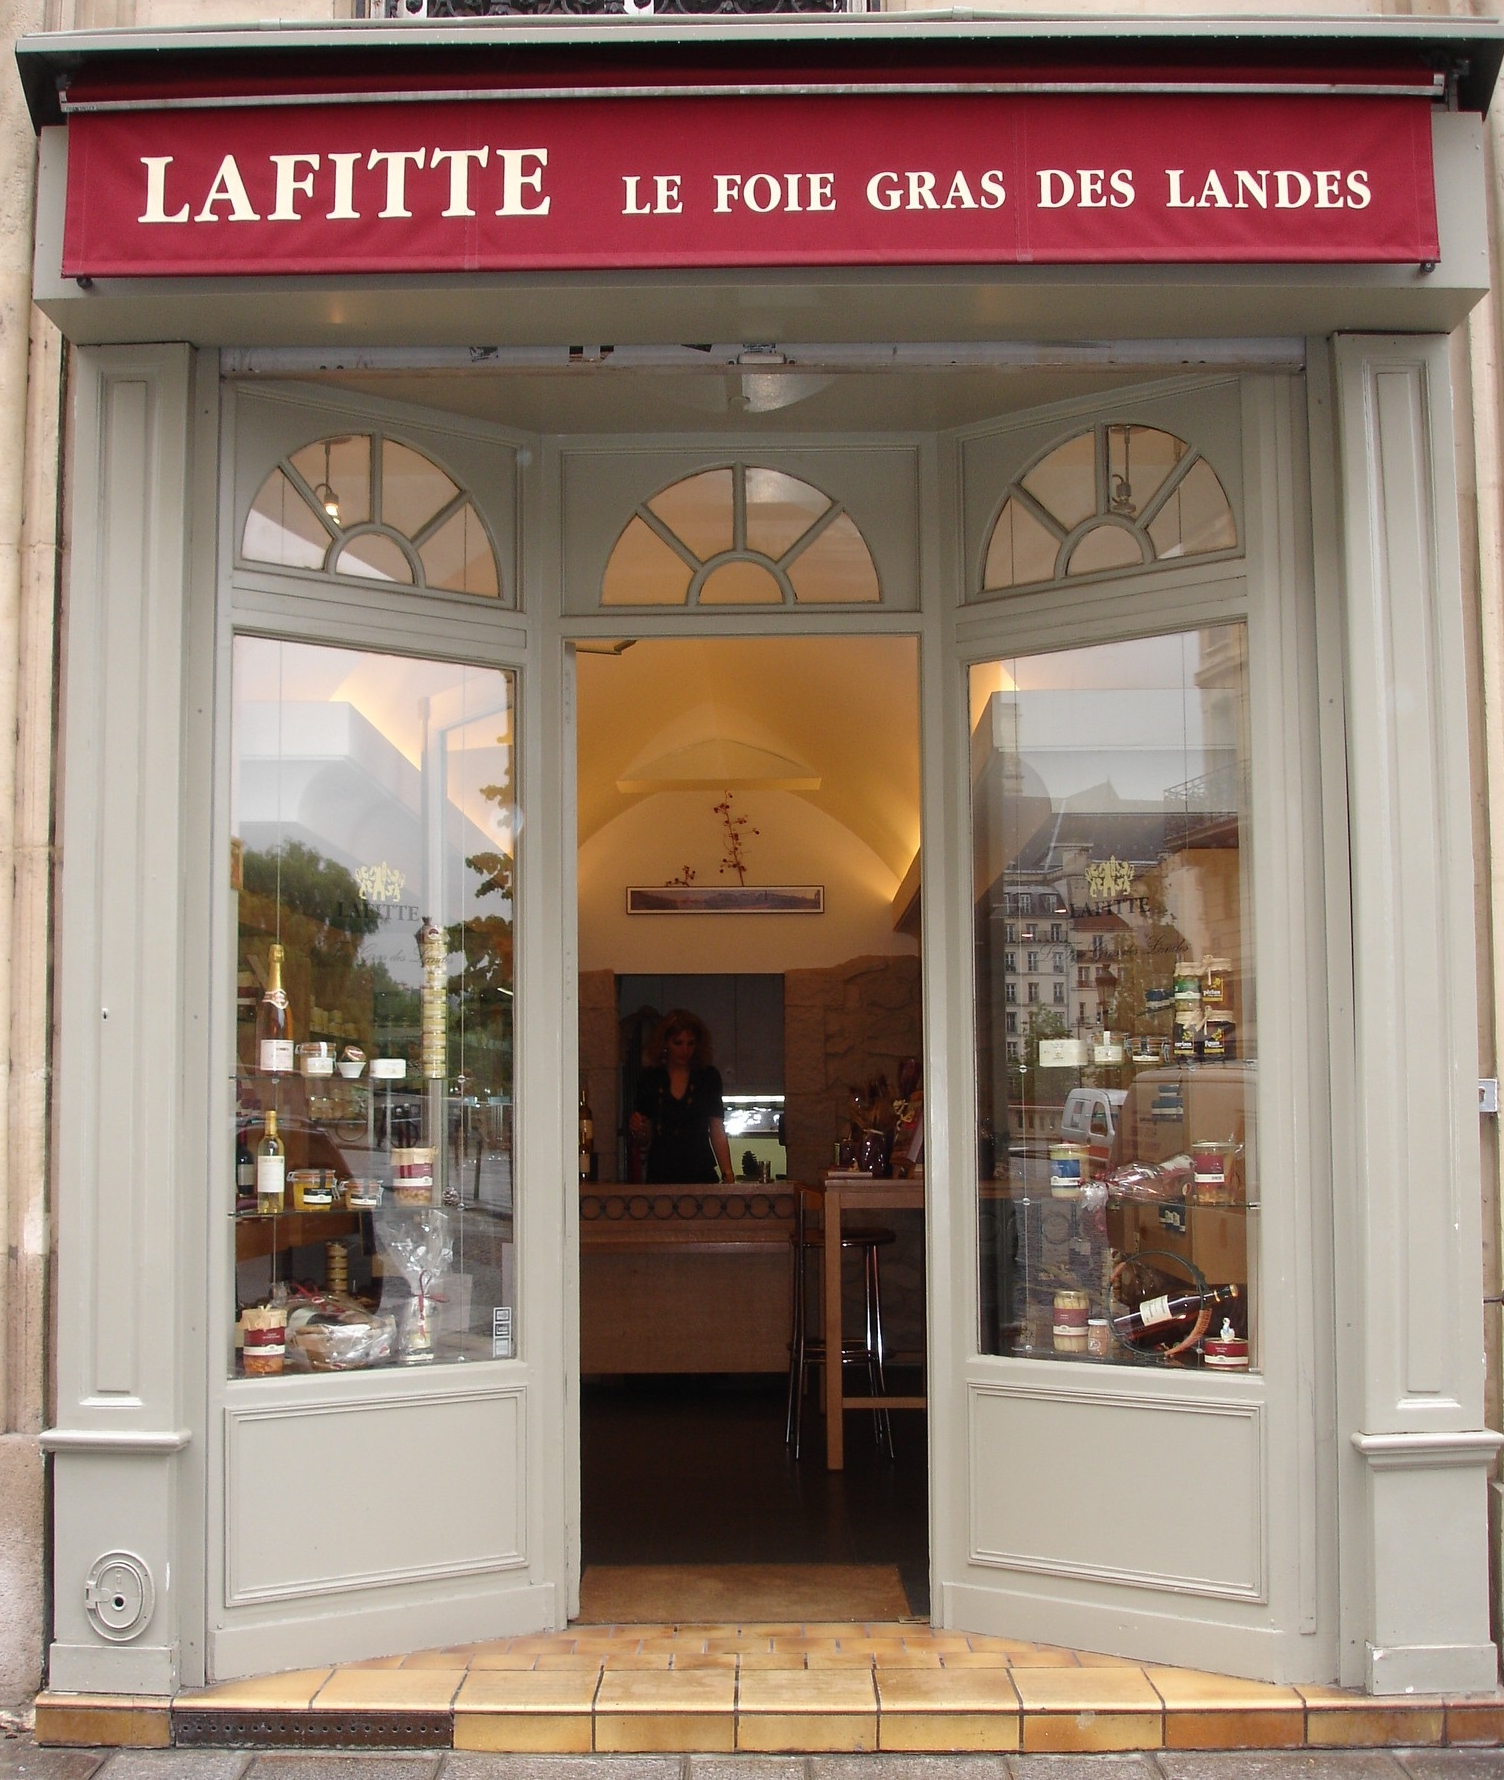 paris lafitte foie gras